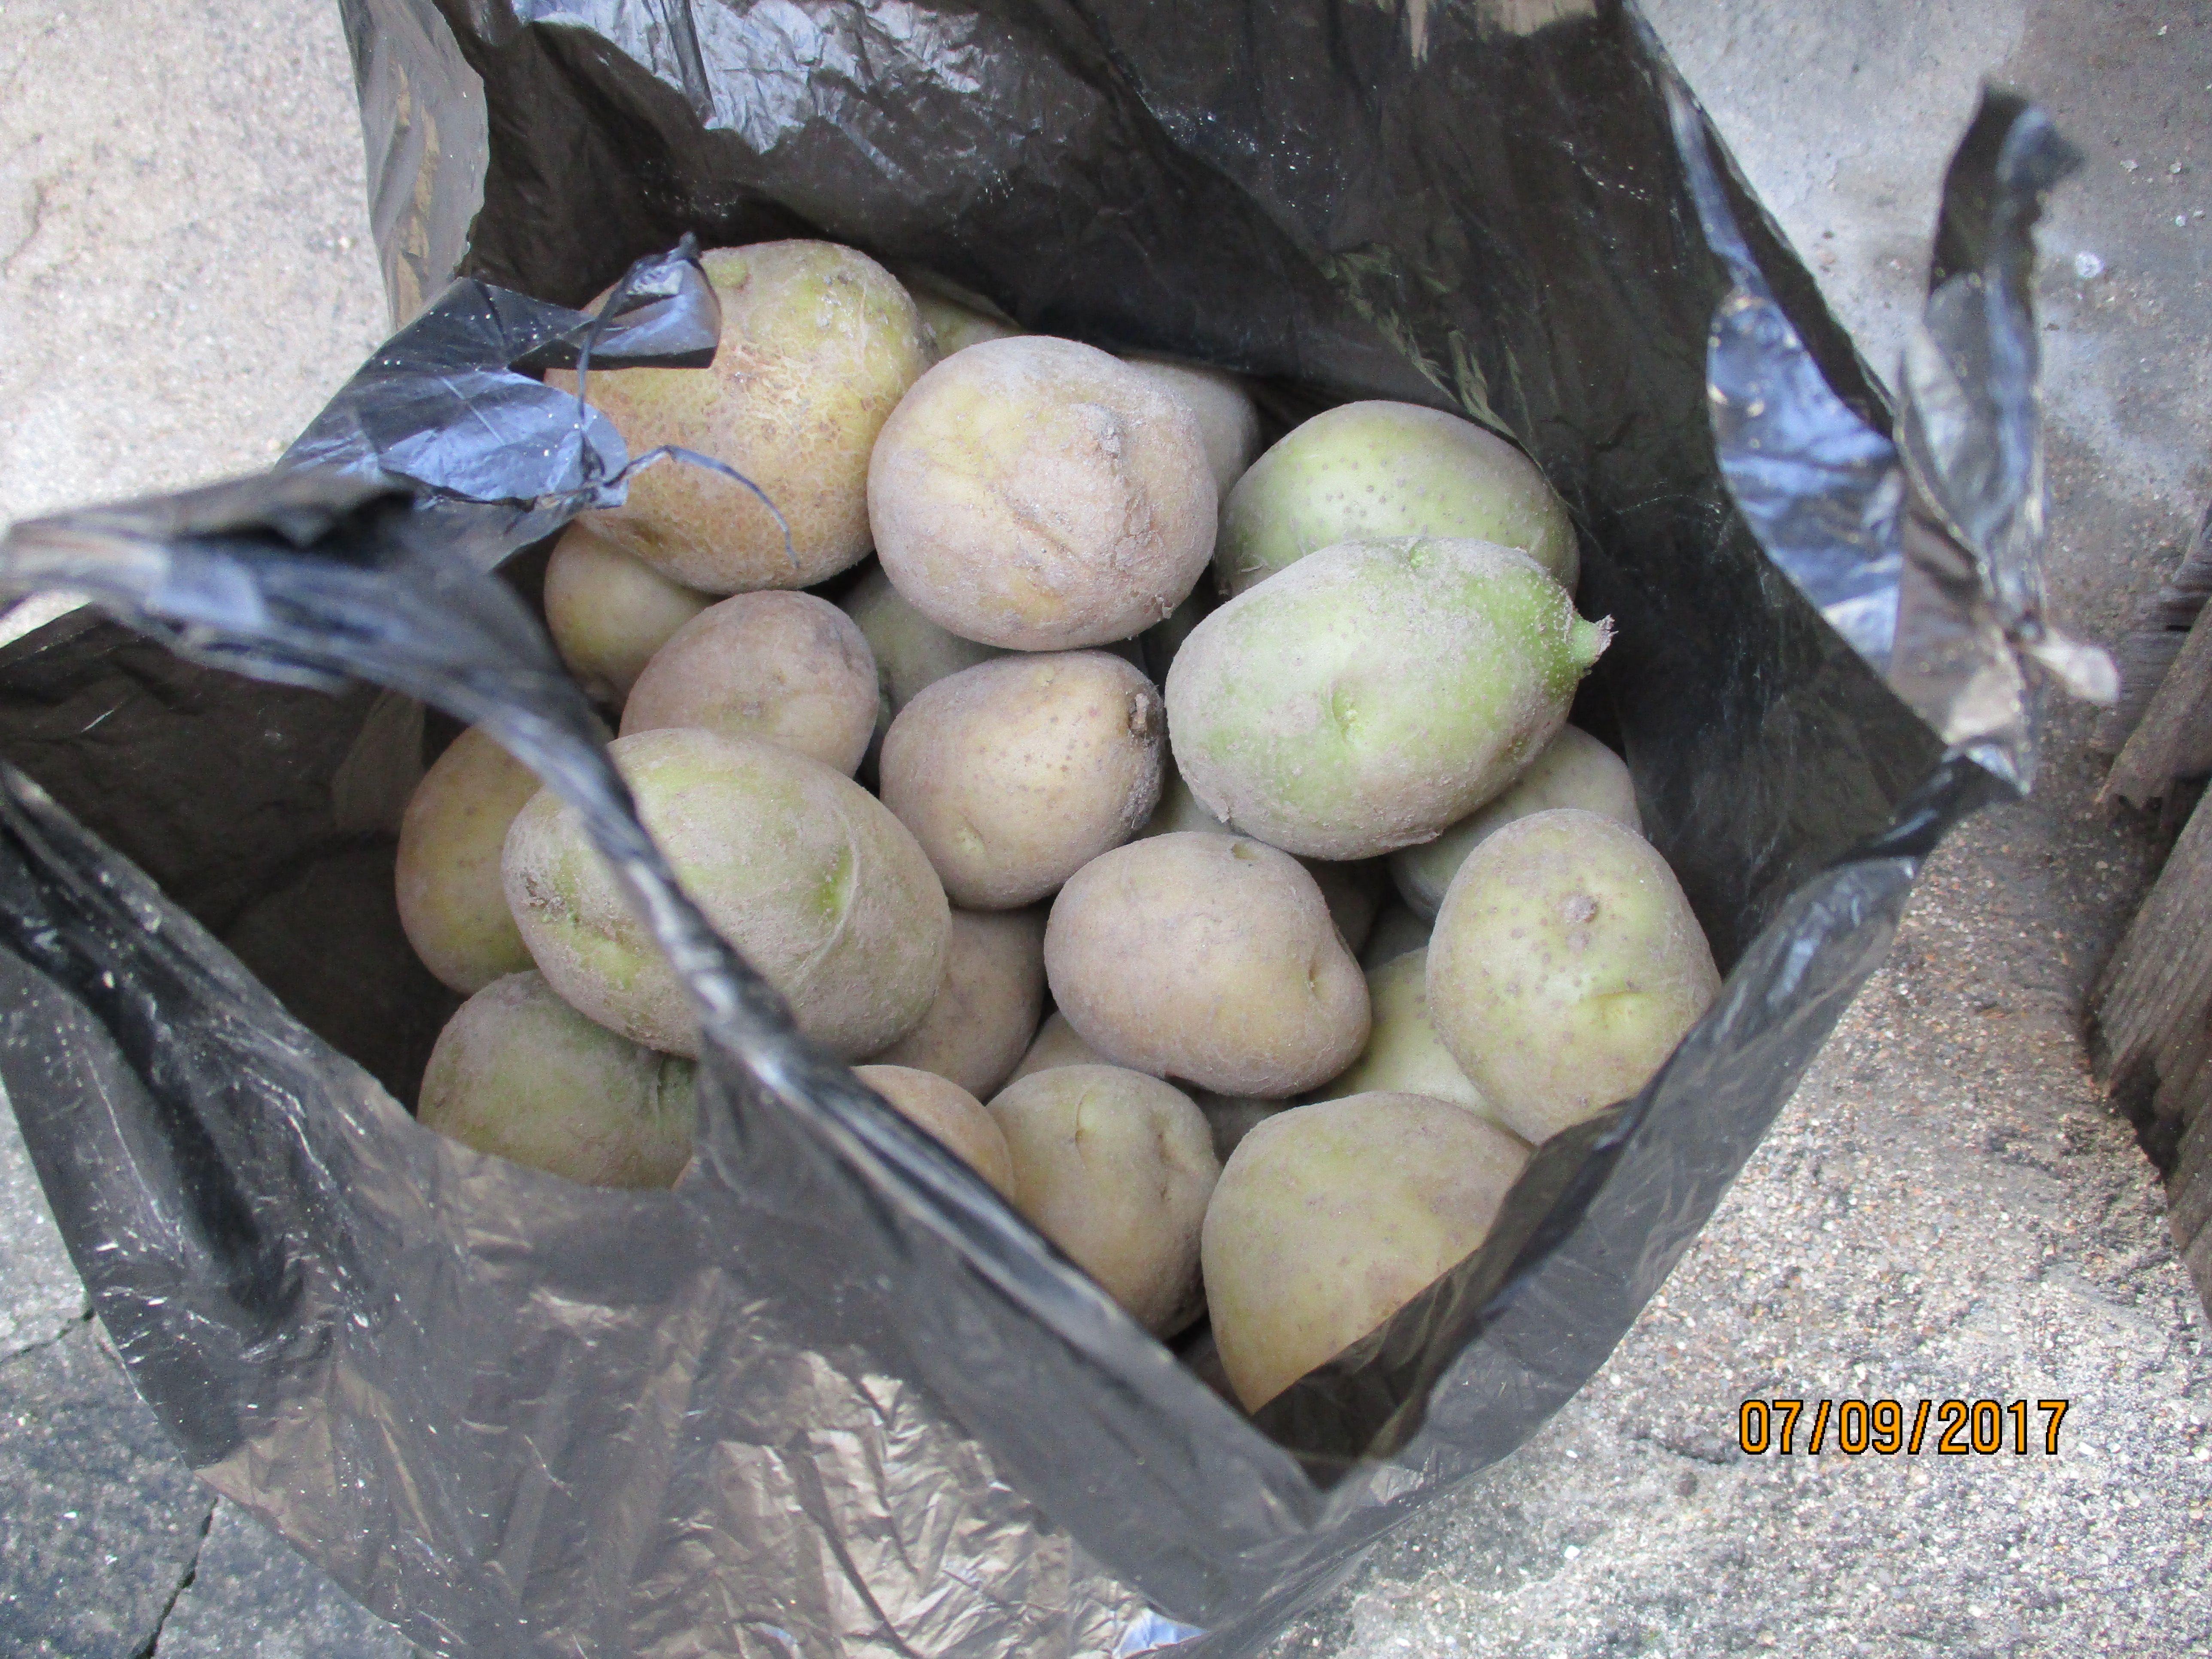 potato (potatoes)